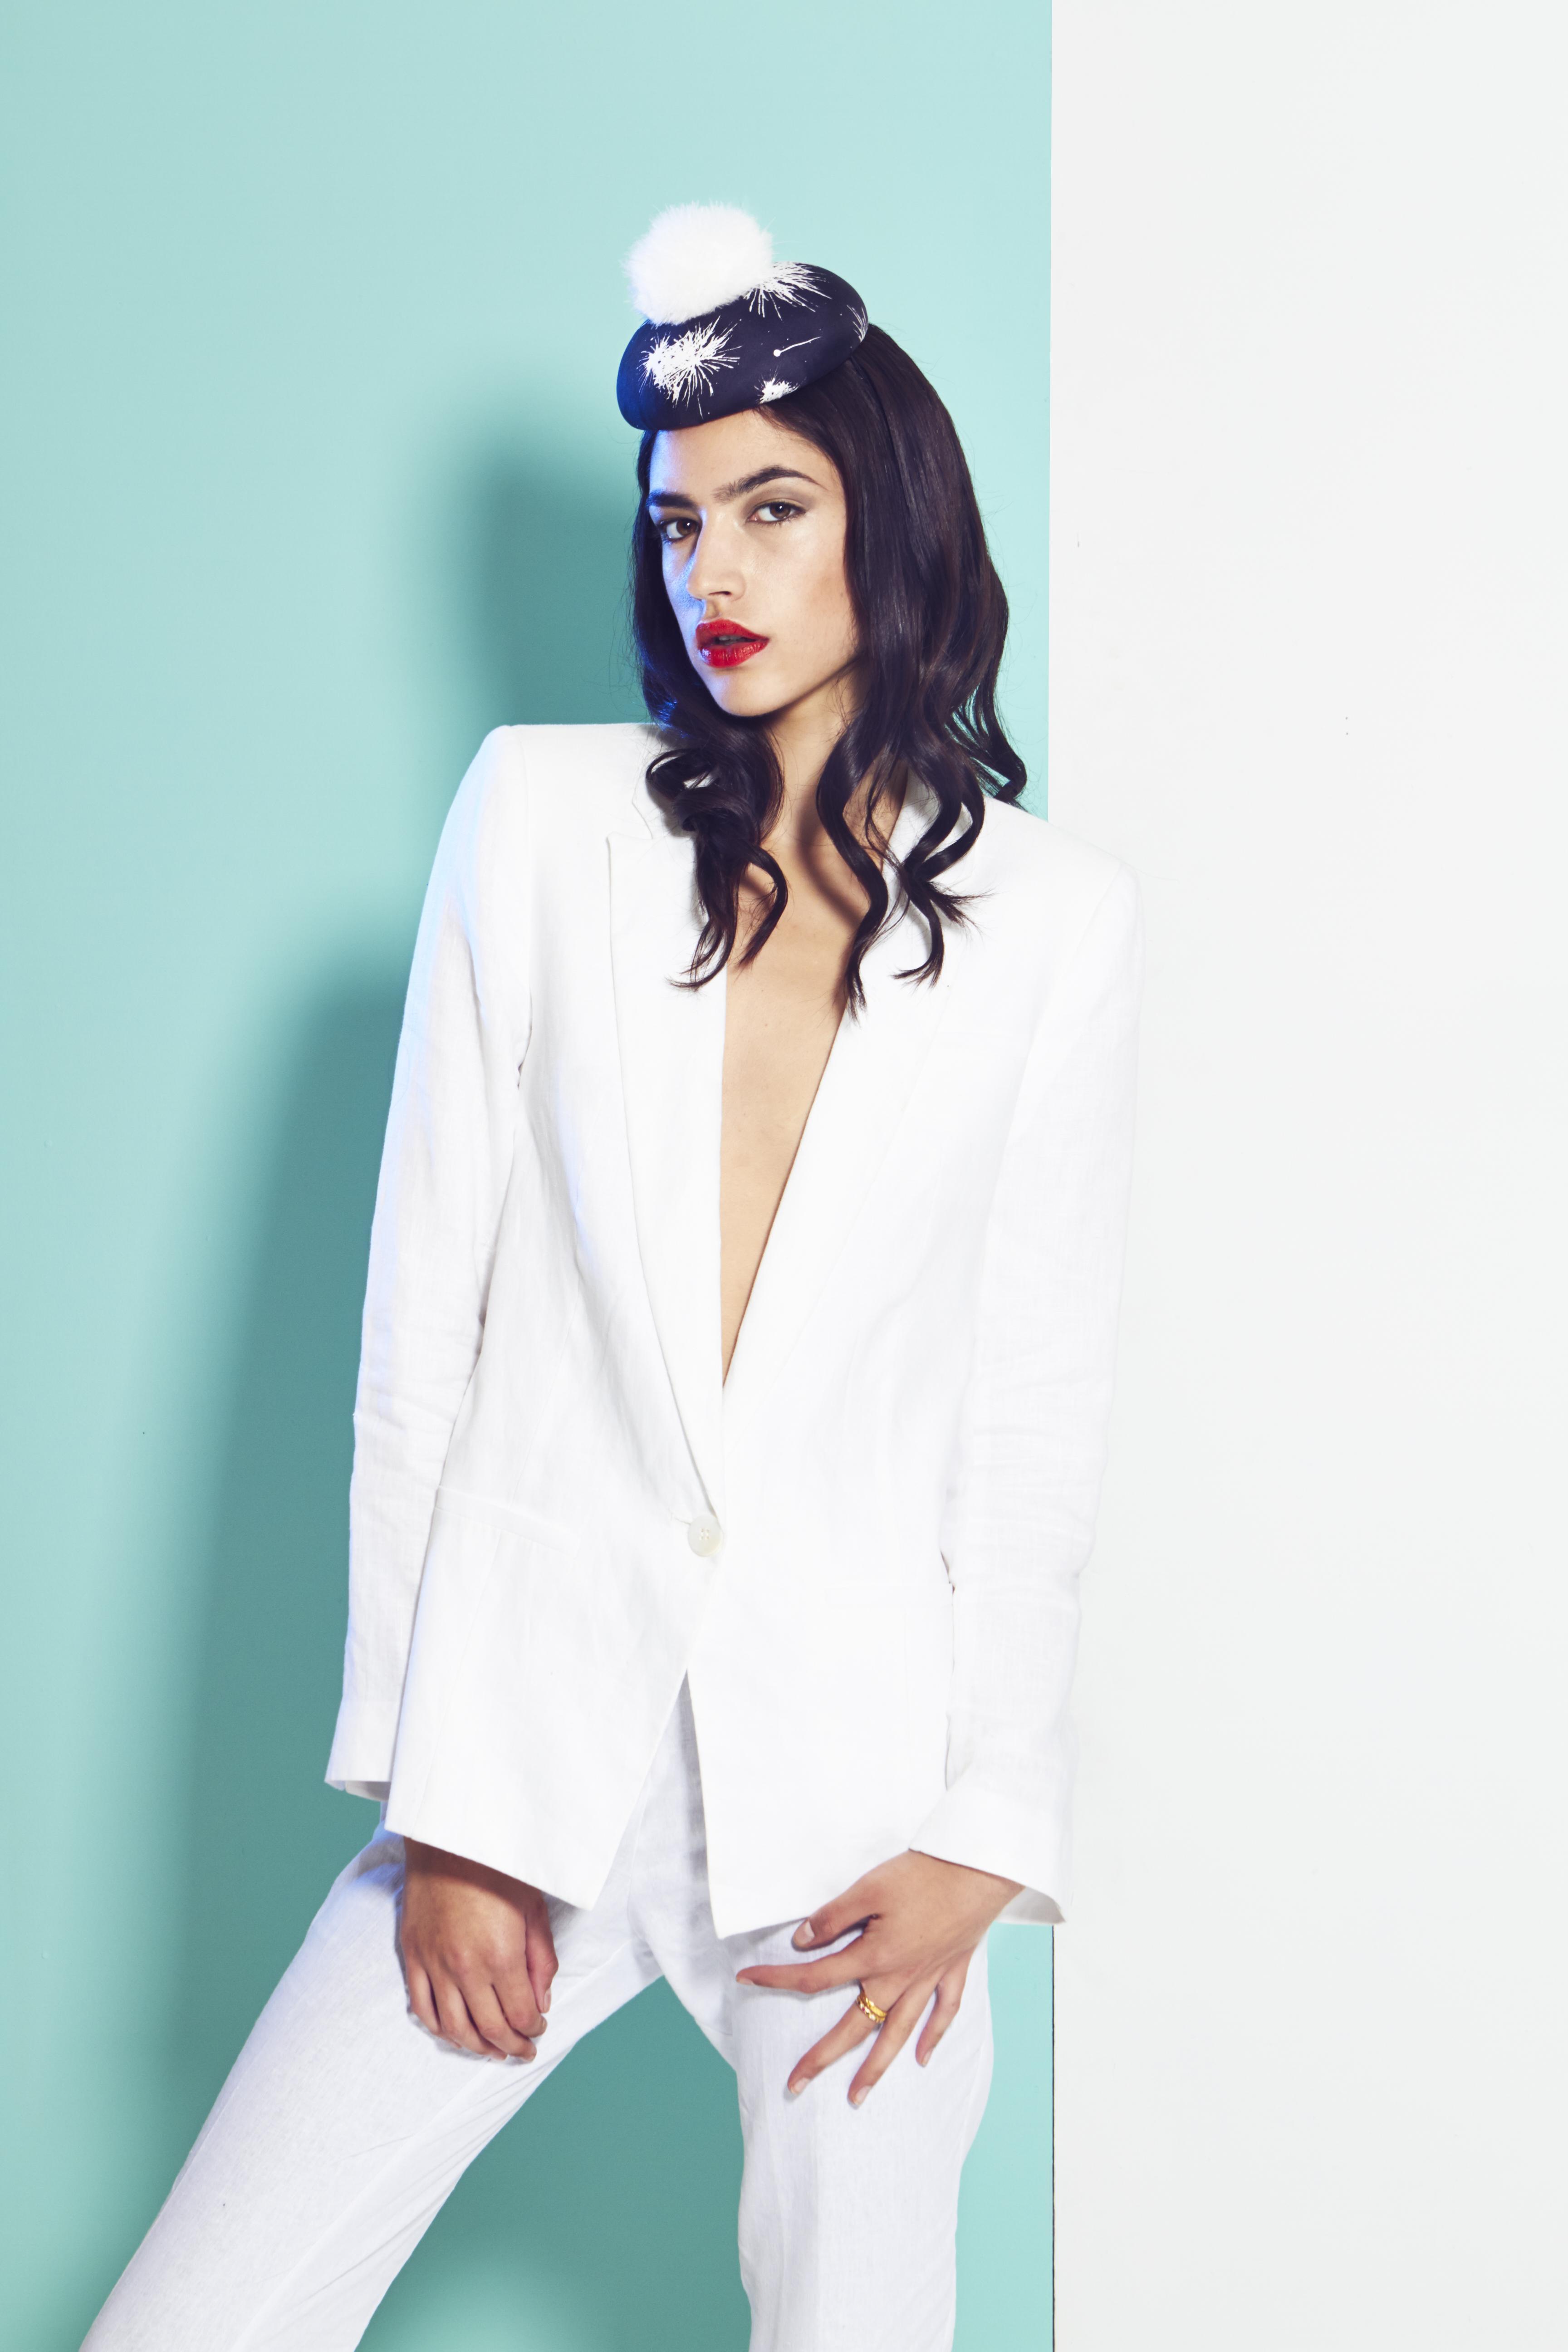 lisa-tan-millinery-mode-haute-couture-chapeau-bijoux-de-tete